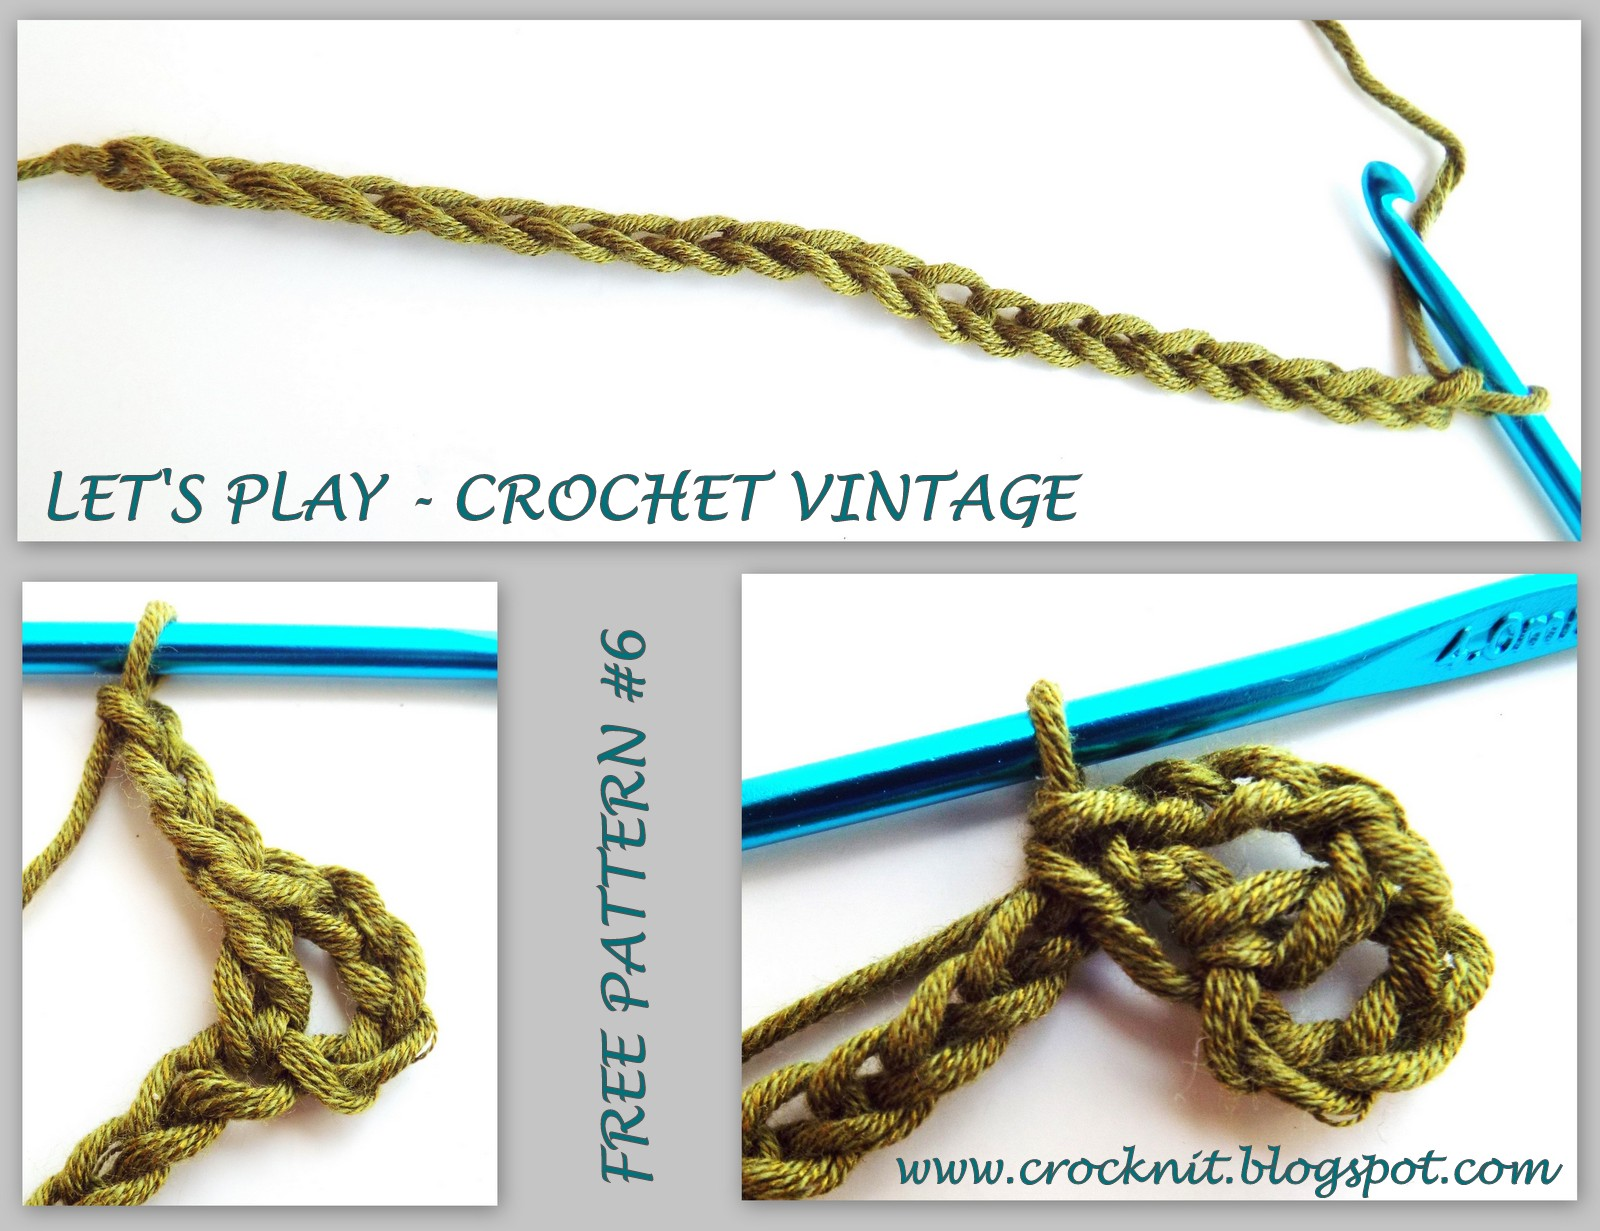 Crochet Stitch Yrh : Row 1: (1dc, ch3, 1sc) in 5th ch from hook, *skip 3ch, (2dc, ch3, 1sc ...